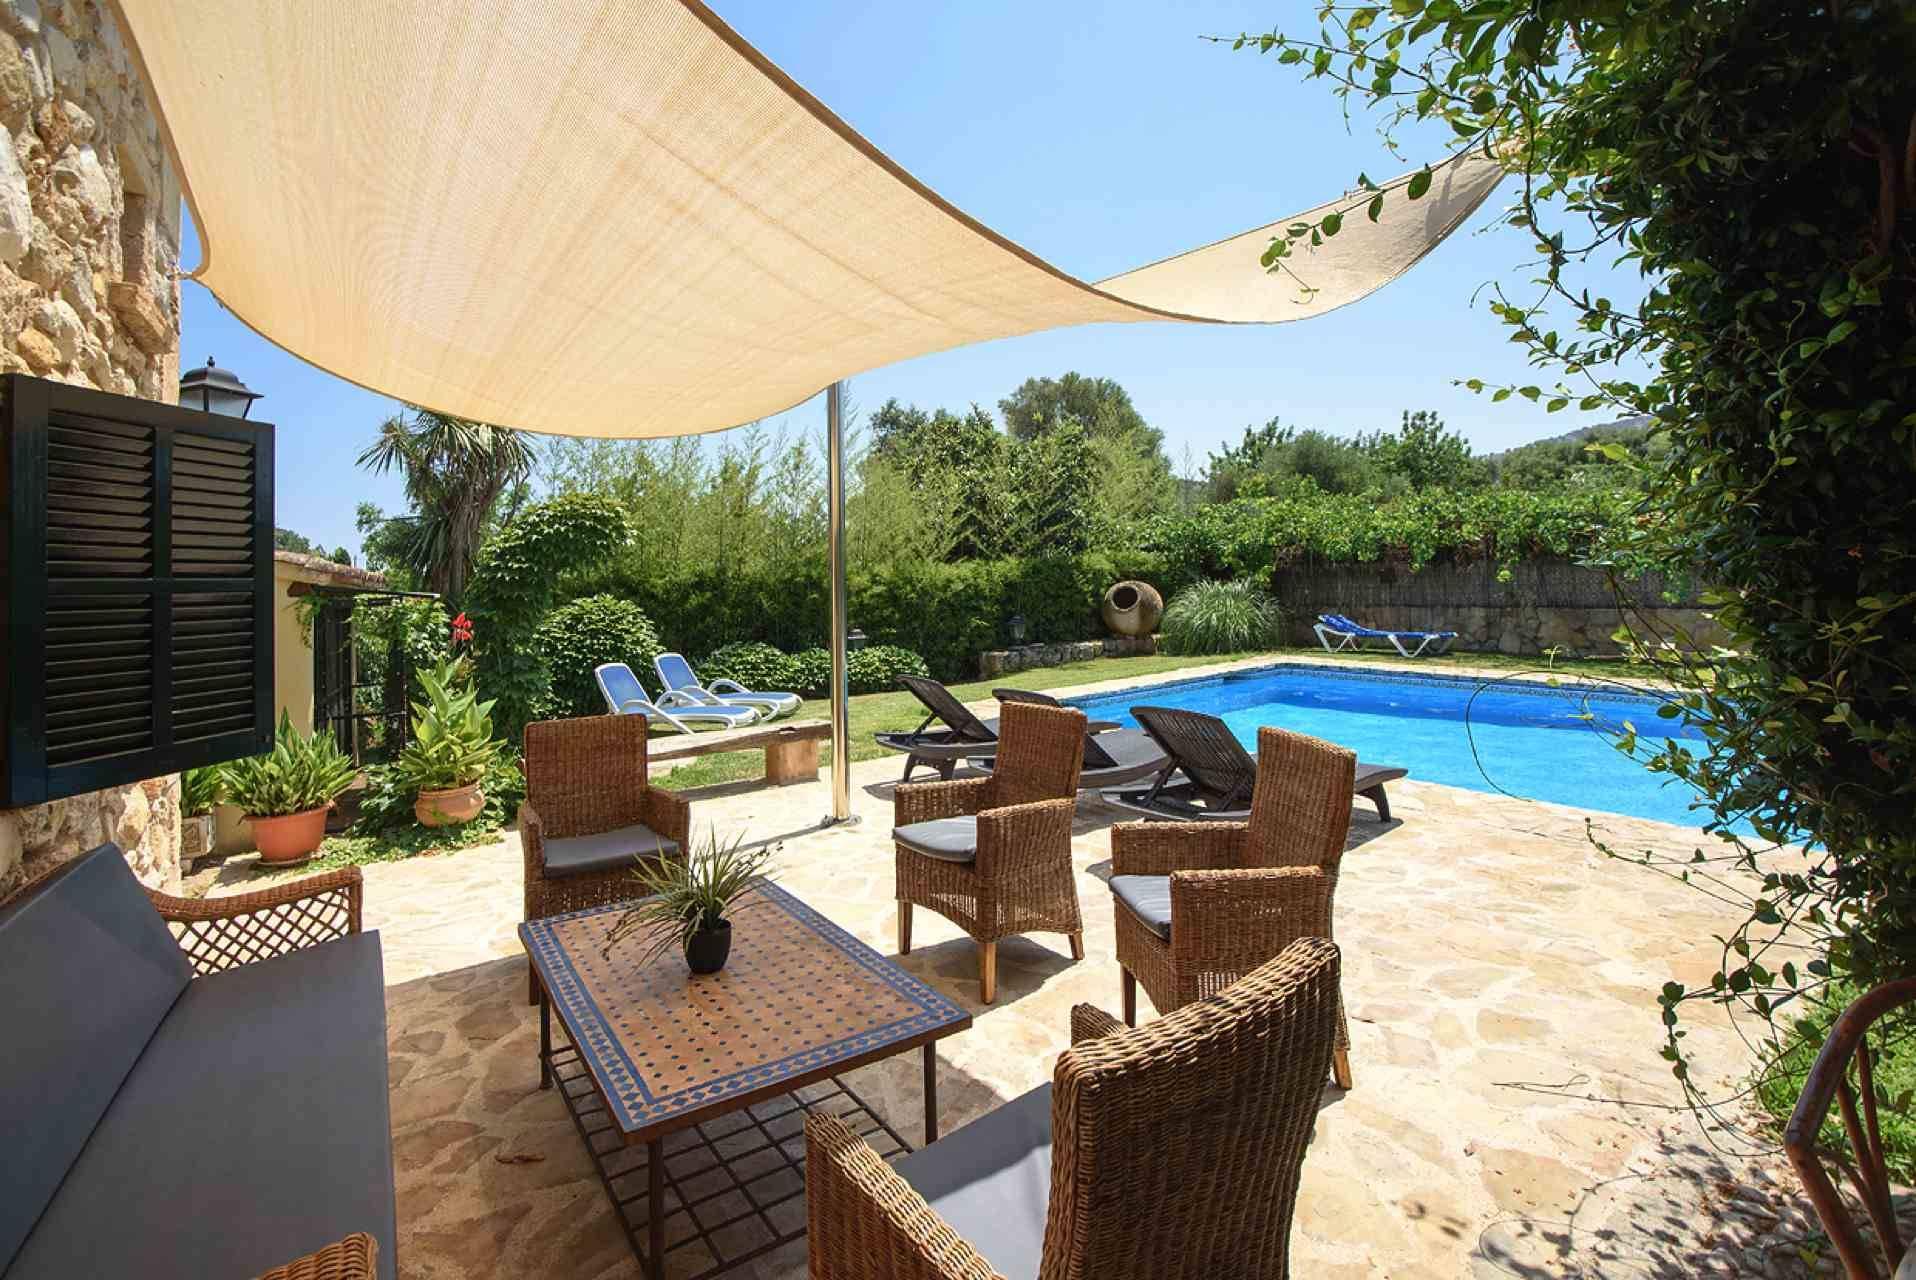 01-164 Romantische Finca Mallorca Norden Bild 11